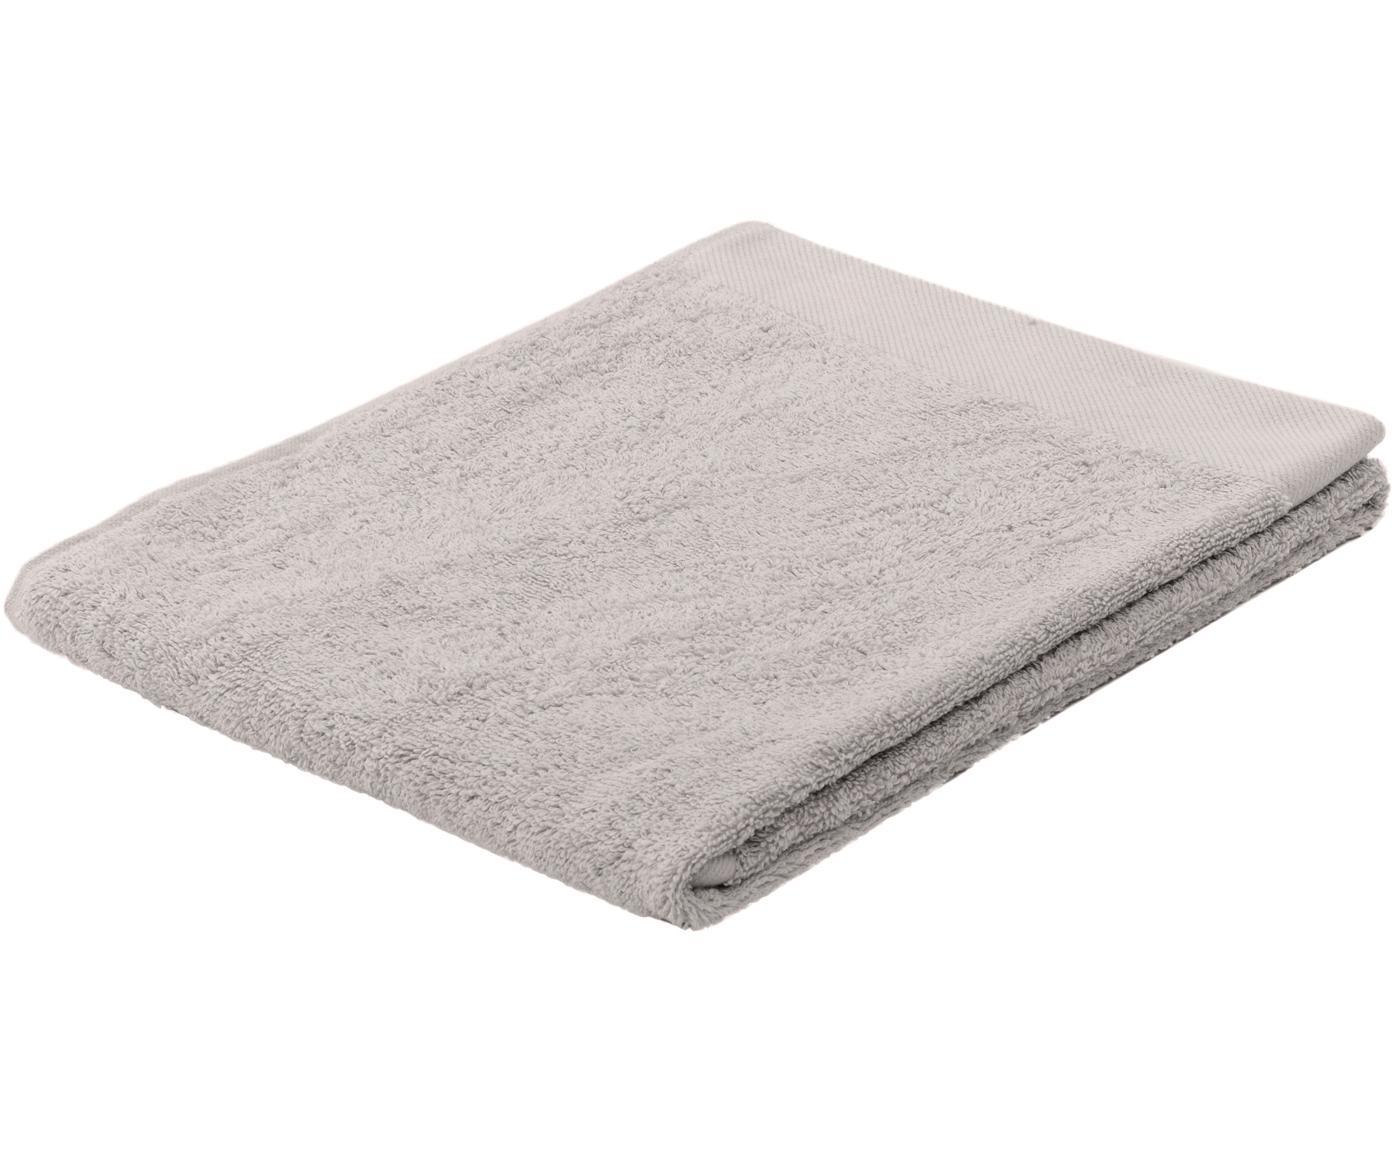 Asciugamano in cotone misto riciclato Blend, Grigio chiaro, Asciugamano